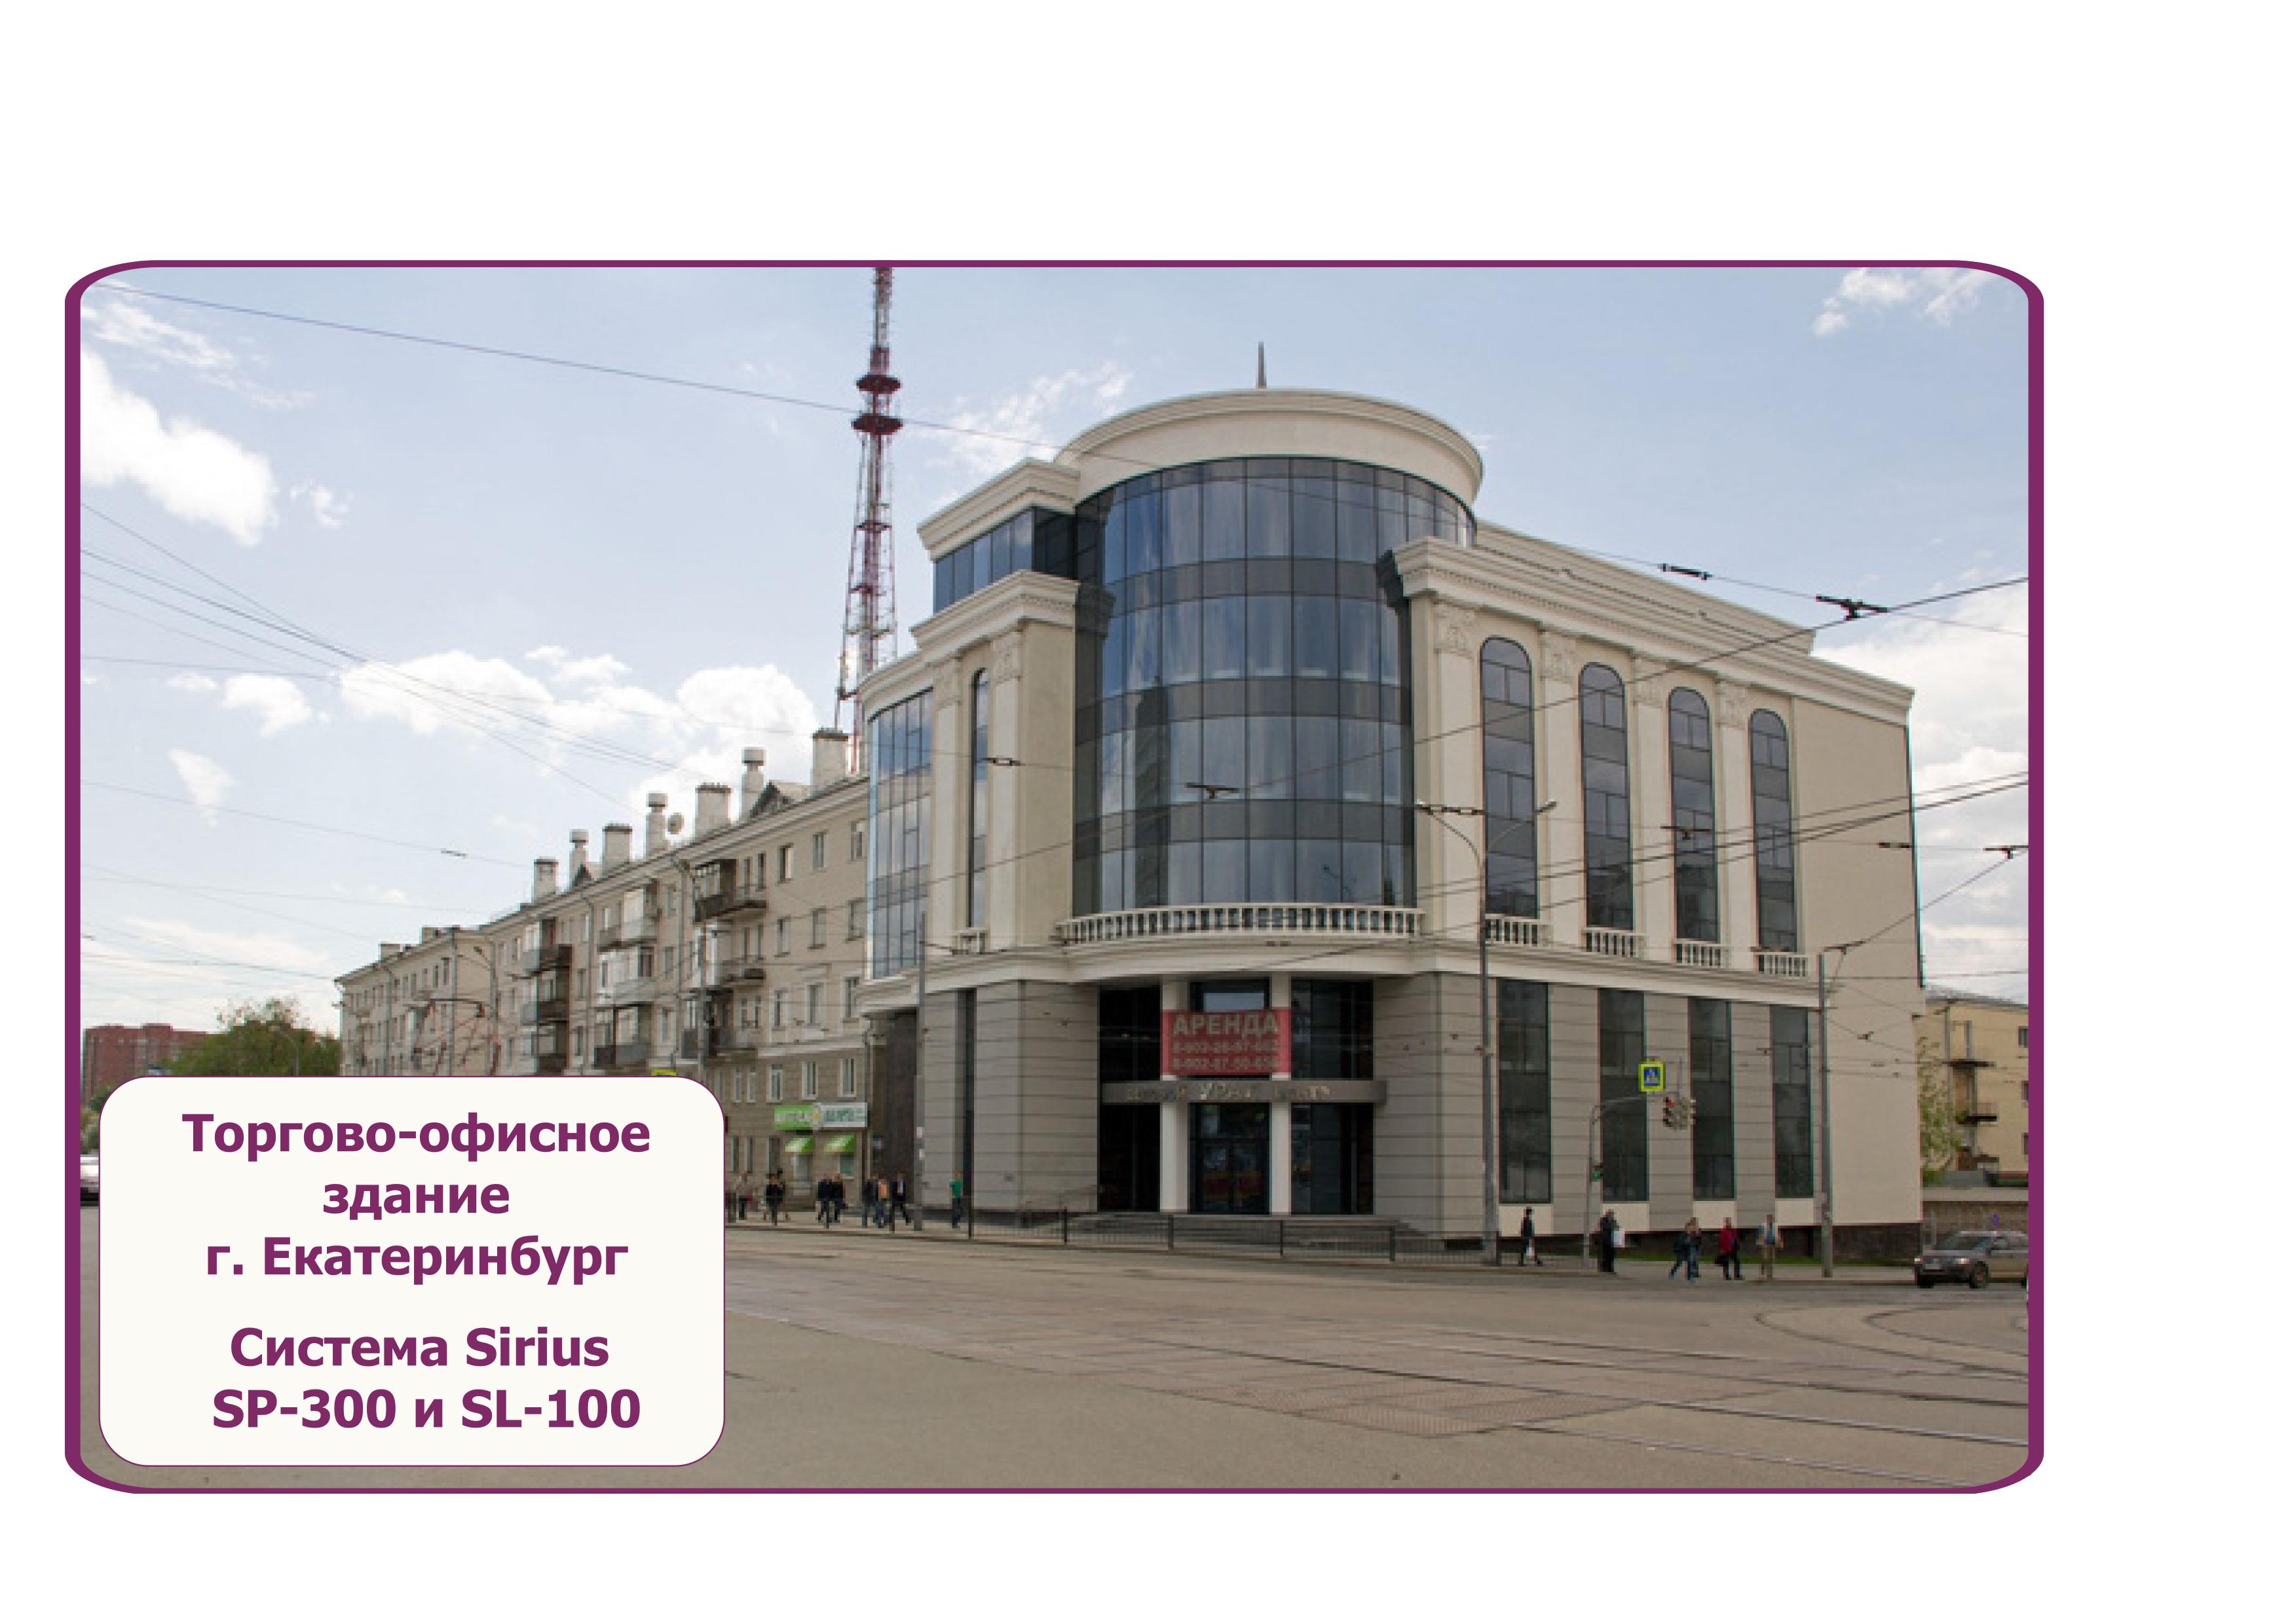 Торгово-офисный центр г. Екатеринбург Фасад объекта облицован на алюминиевой подсистеме SIRIUS SP-300 - натуральный камень с пропилкой пазов, усиленный профиль замкнутого сечения, горизонтальные профили